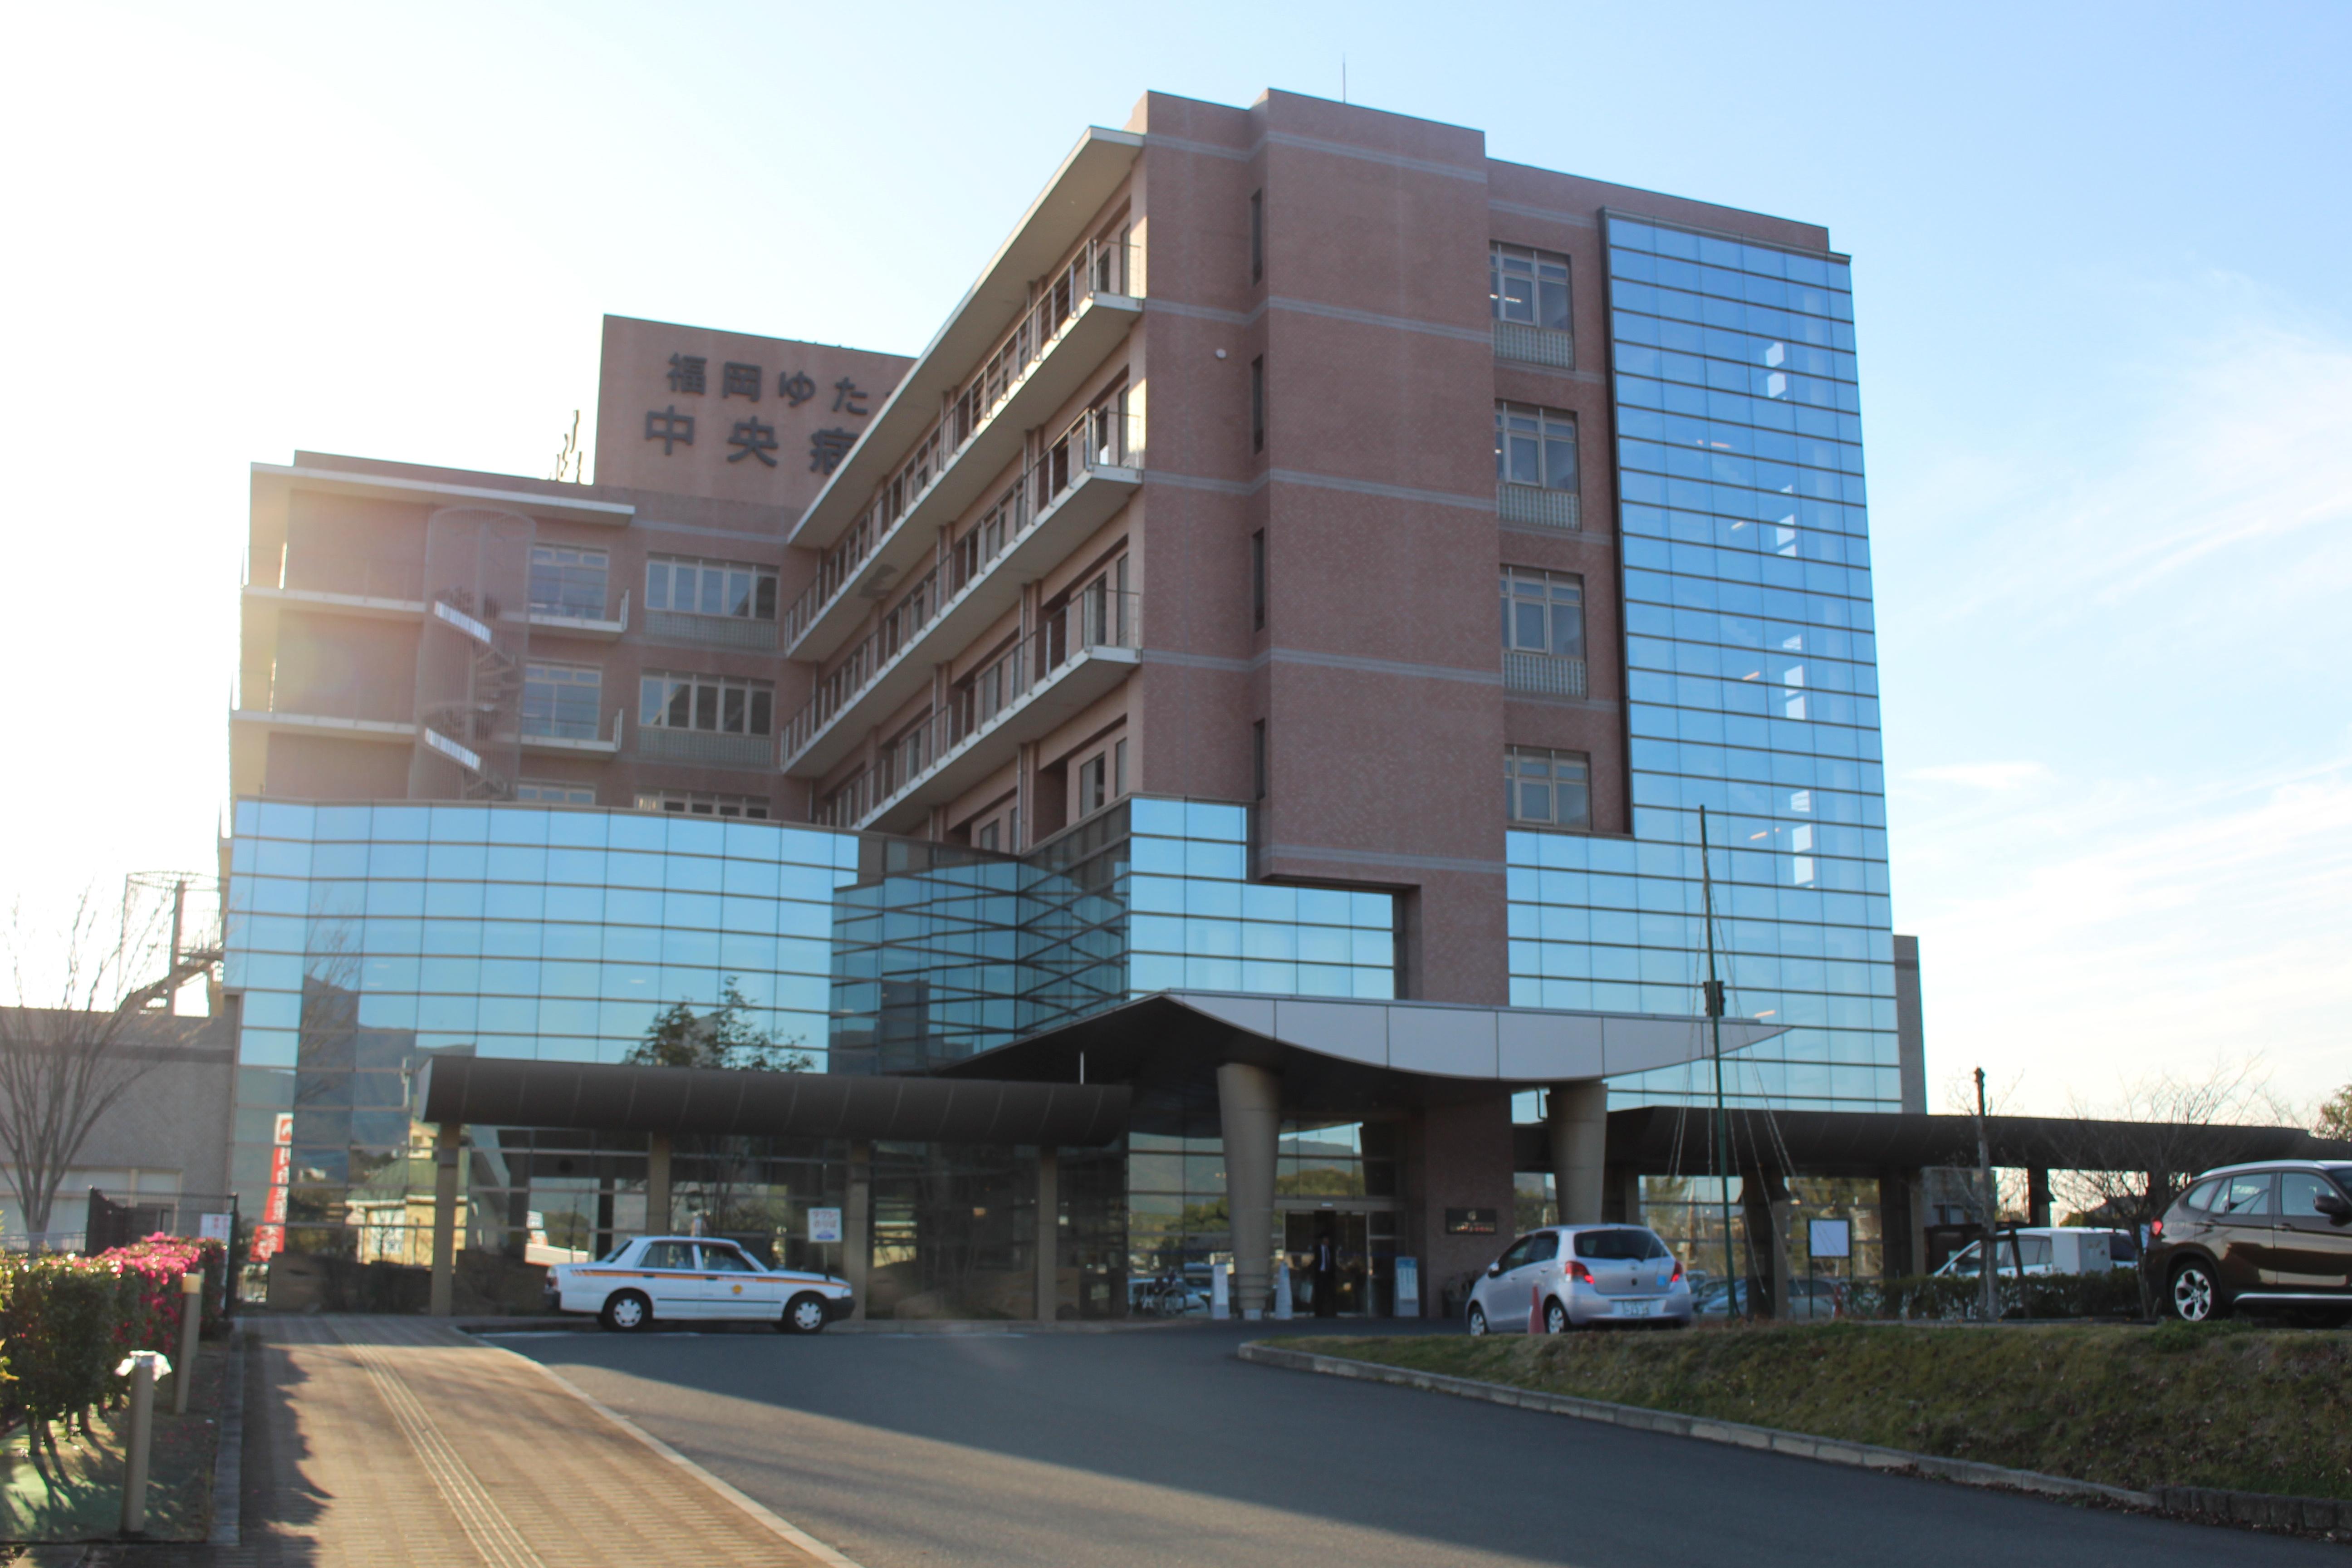 中央 病院 ゆたか 福岡